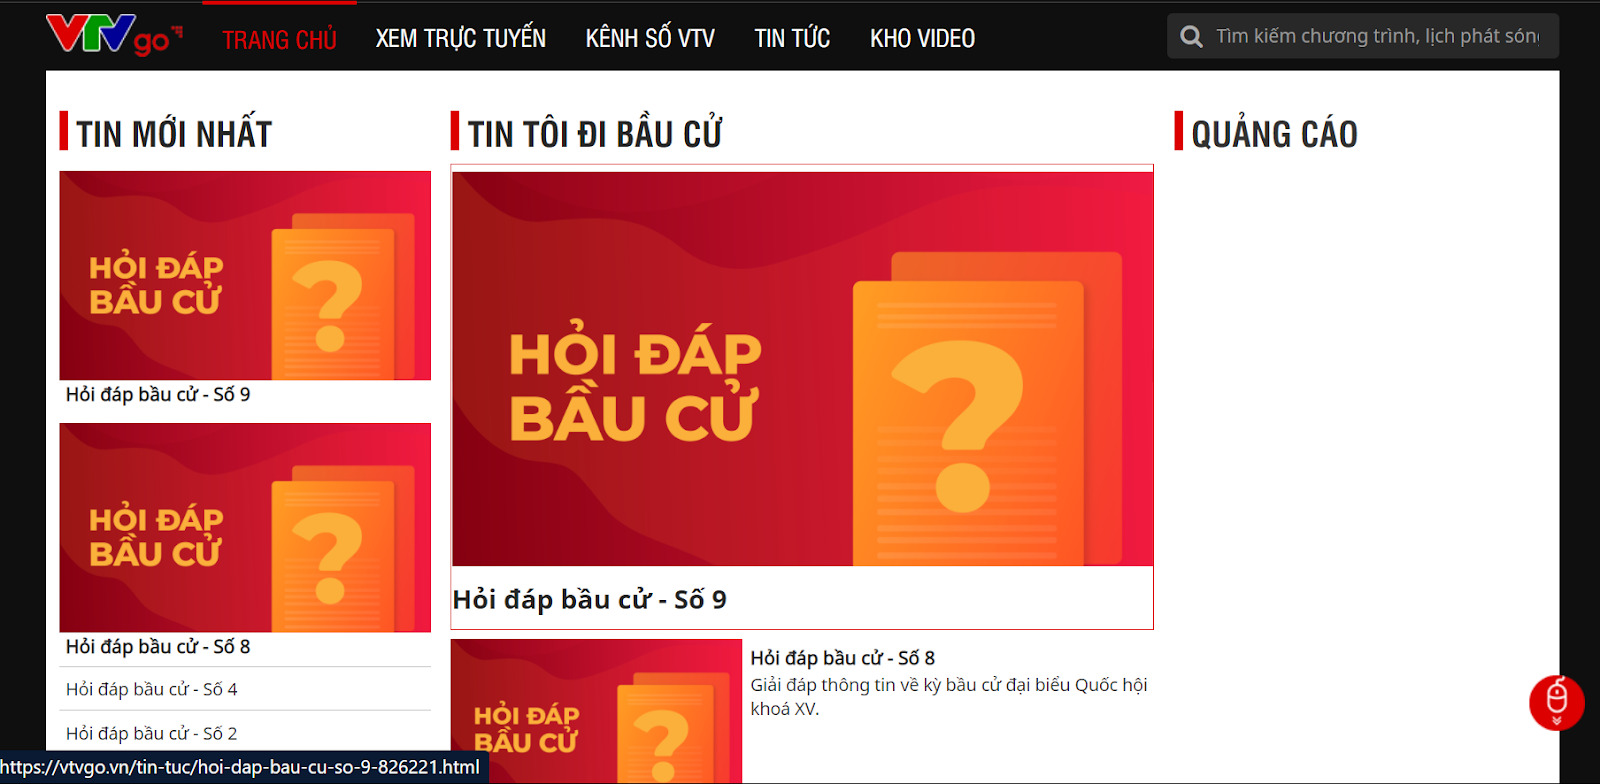 Sự kiện Bầu cử toàn dân 23/05/2021 được cập nhật liên tục trên VTVgo.vn